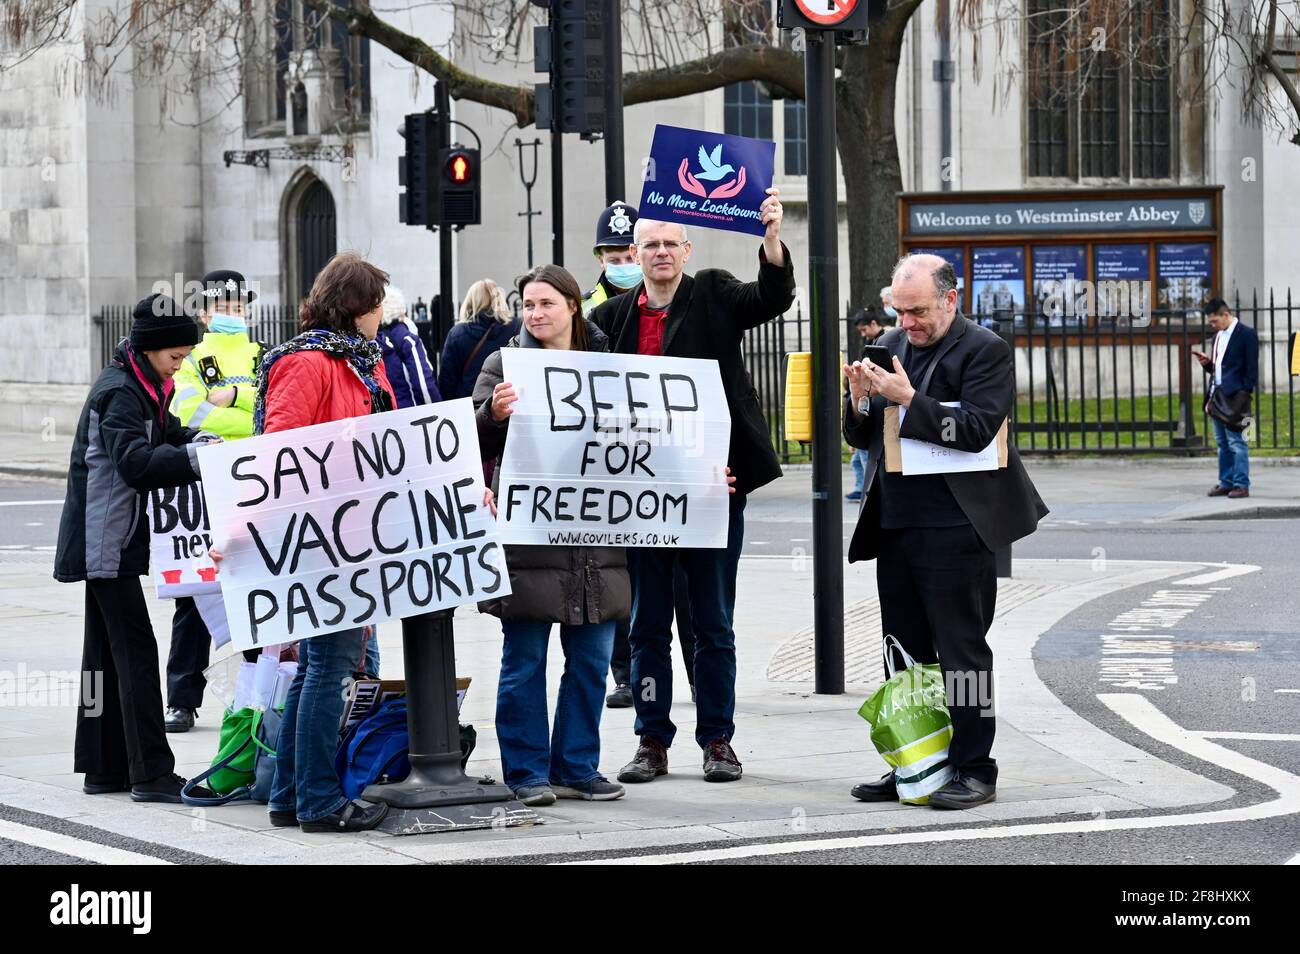 Londres. ROYAUME-UNI. 14/04/2021, manifestation anti-verrouillage, Parliament Square, Westminster, Londres. Crédit au Royaume-Uni : michael melia/Alay Live News Banque D'Images